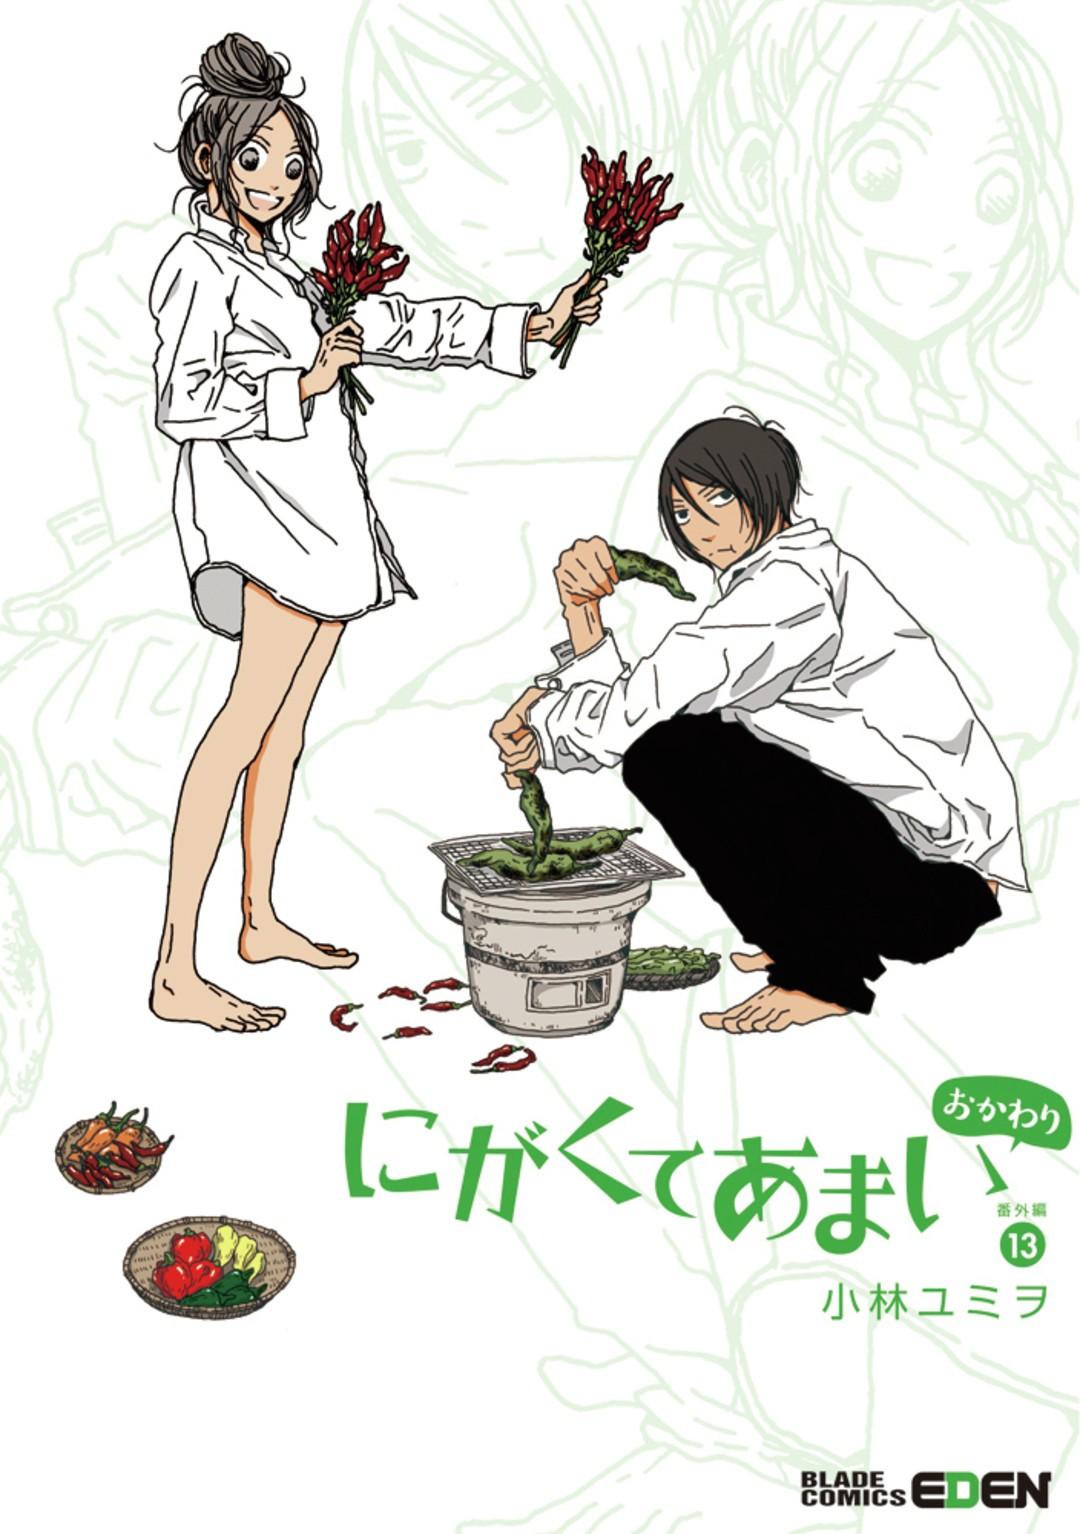 野菜嫌い女子と料理好き男子の同居生活